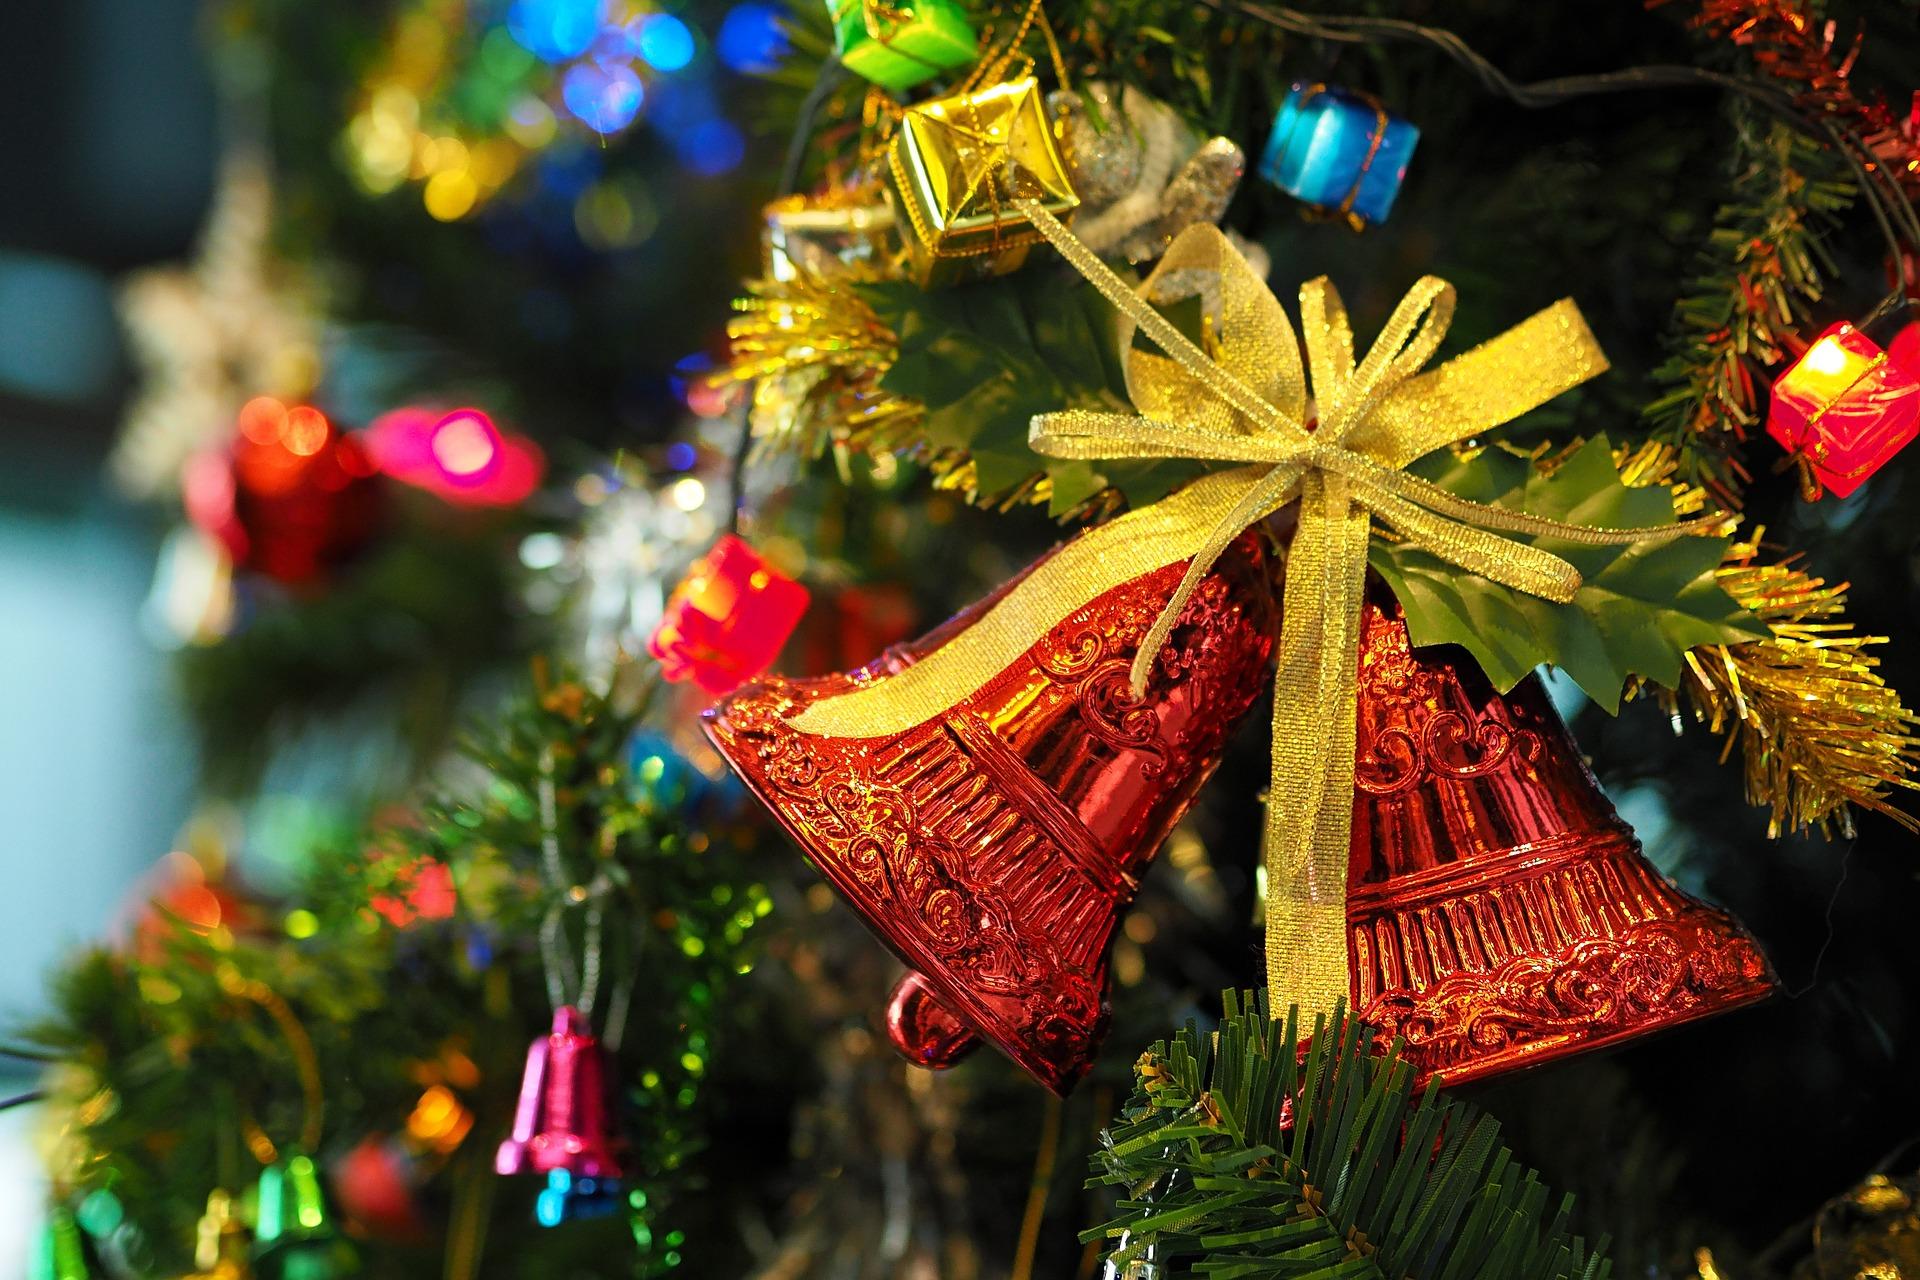 Quand est le jour de Noël 2019?   Traditions de Noël, folklore, recettes et autres